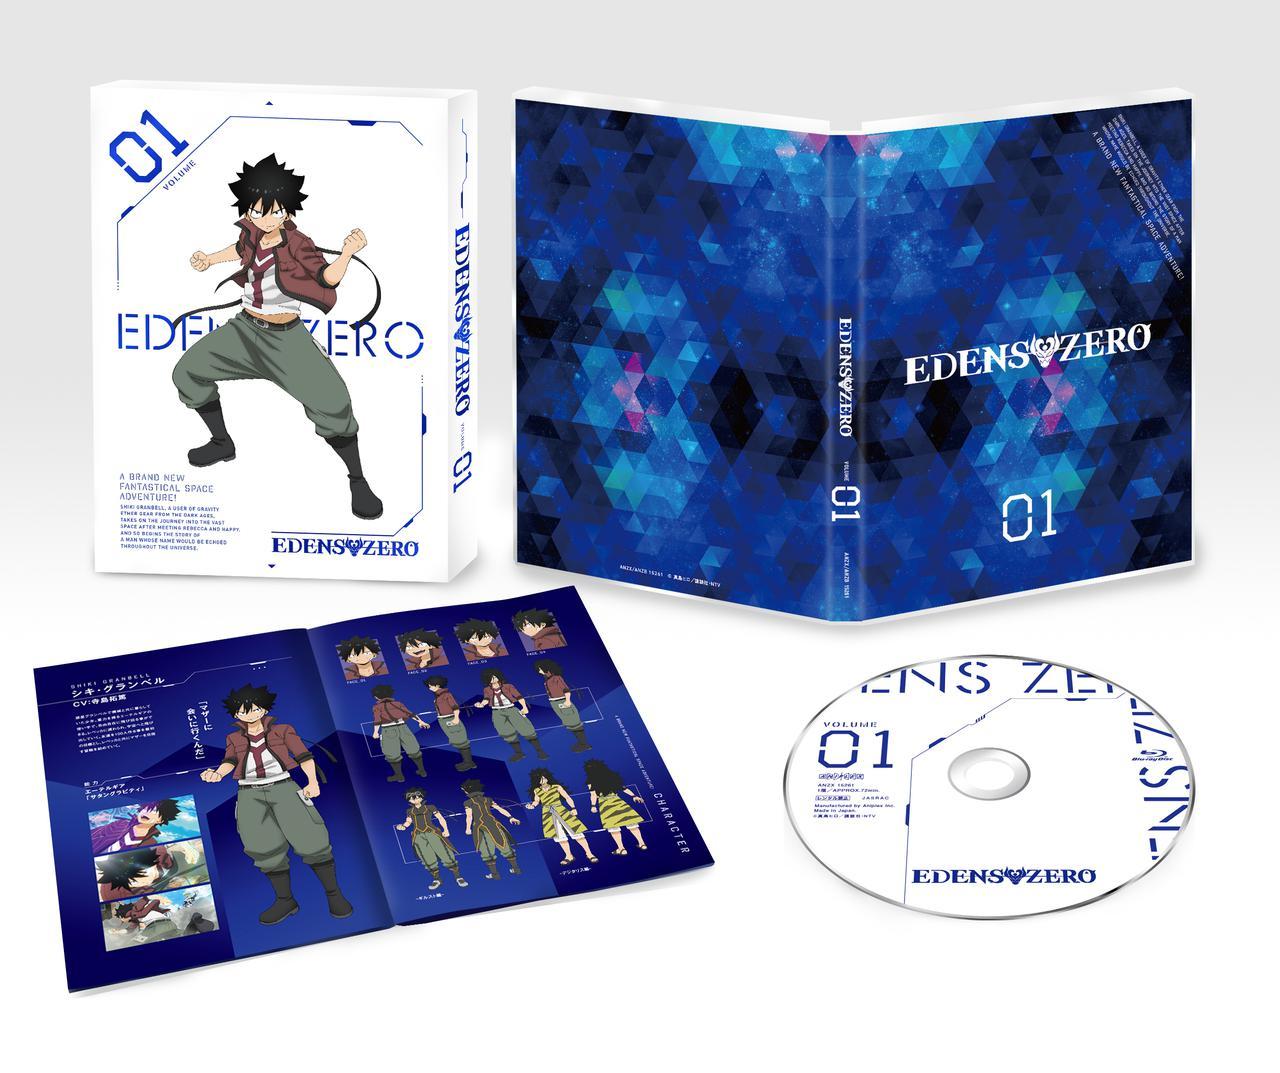 画像1: 『EDENS ZERO(エデンズゼロ)』パッケージ第1巻 8月4日(水)より発売中